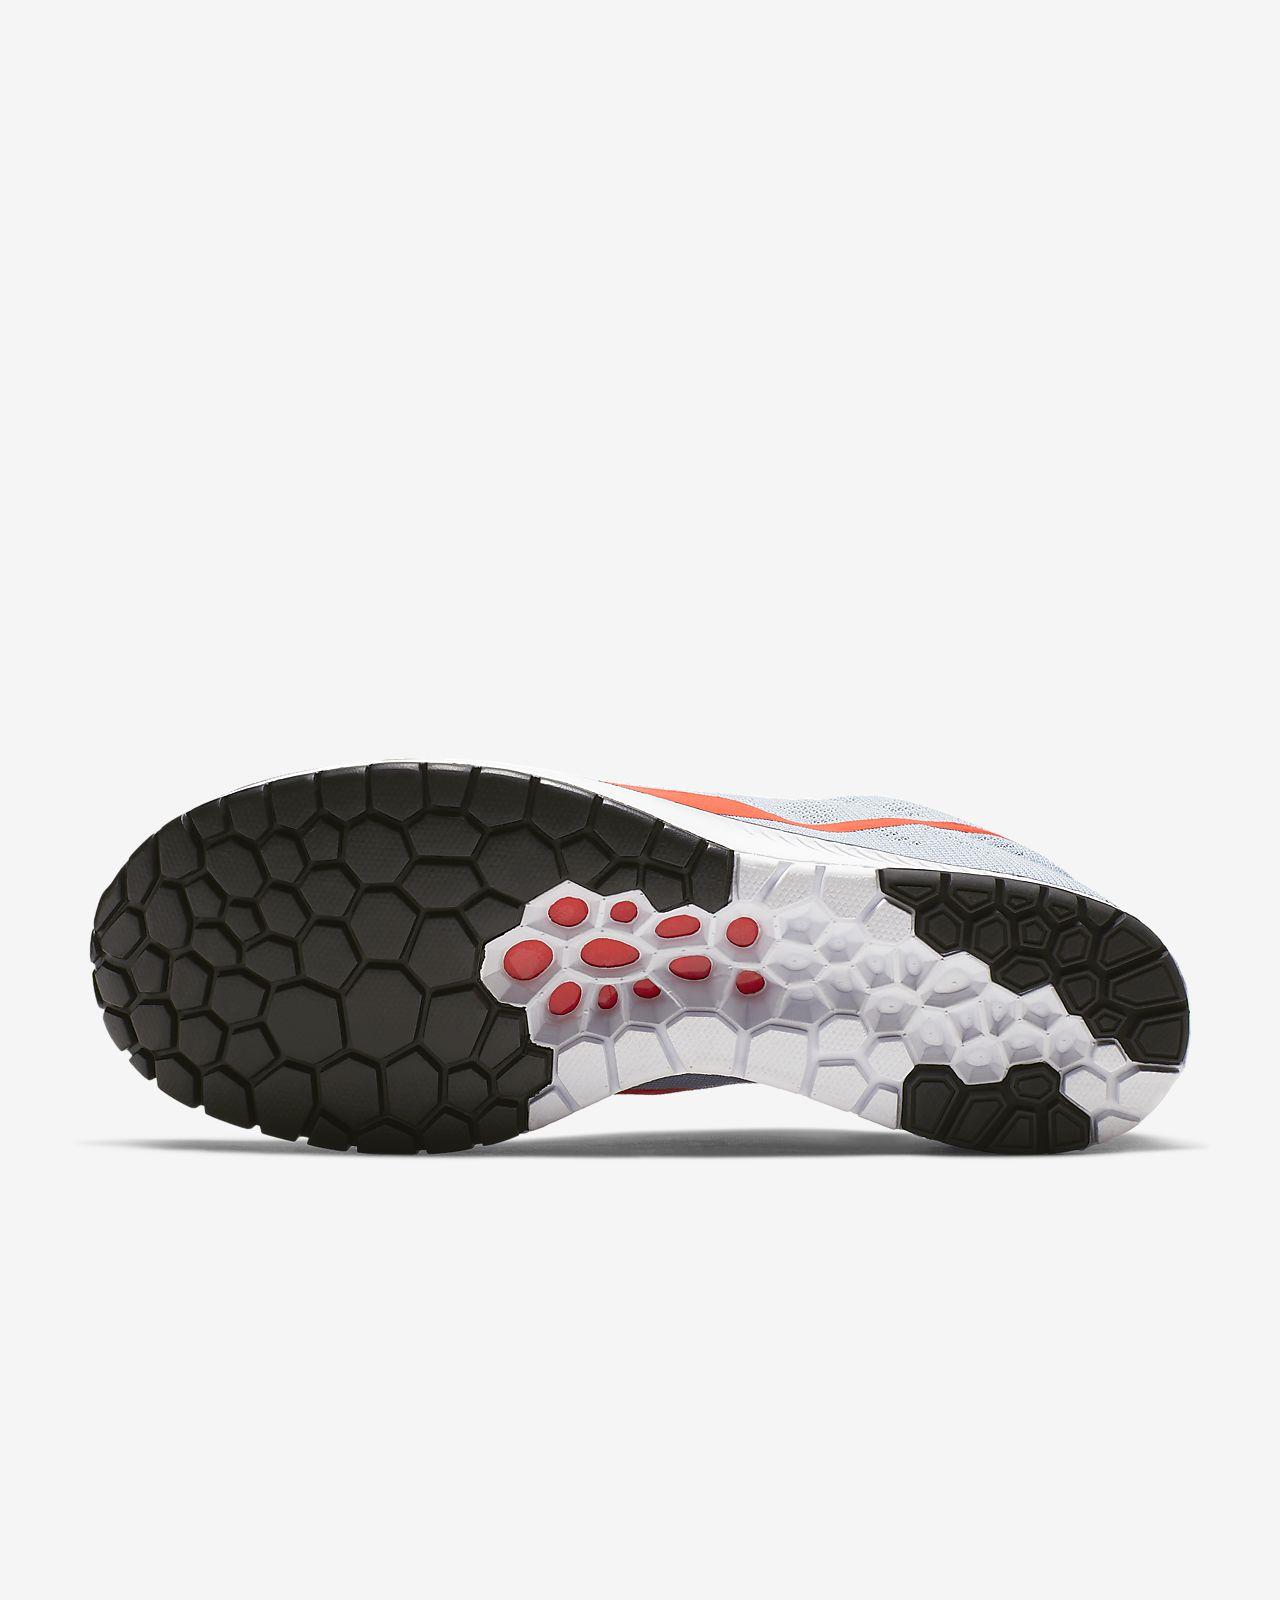 2ad4adf7ca4c Nike Air Zoom Streak 7 Running Shoe. Nike.com ZA